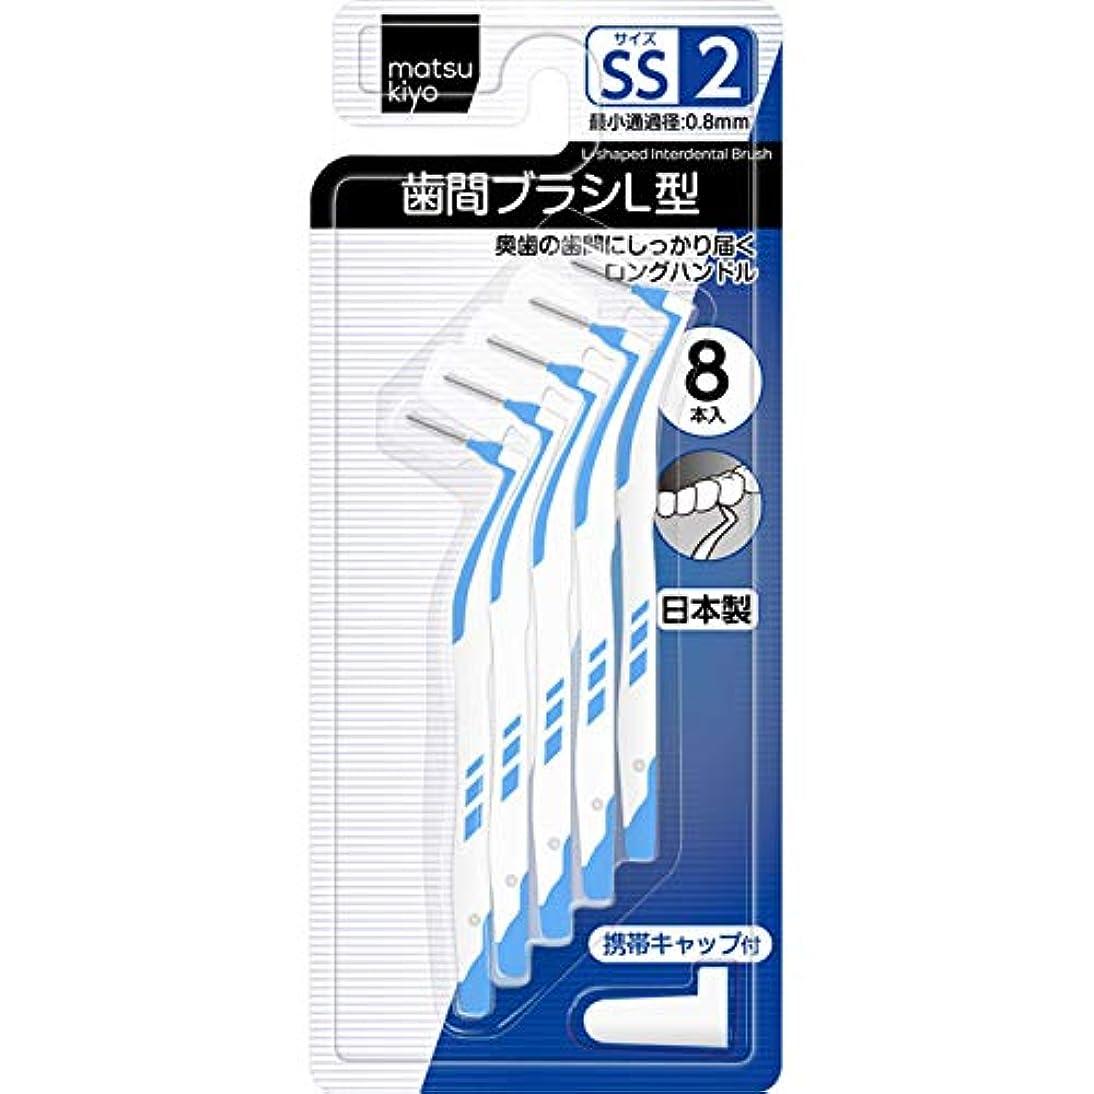 クラシック落ち着いた書道毅?インエグゼサプライ matsukiyo 歯間ブラシL型 サイズ2(SS) 8本